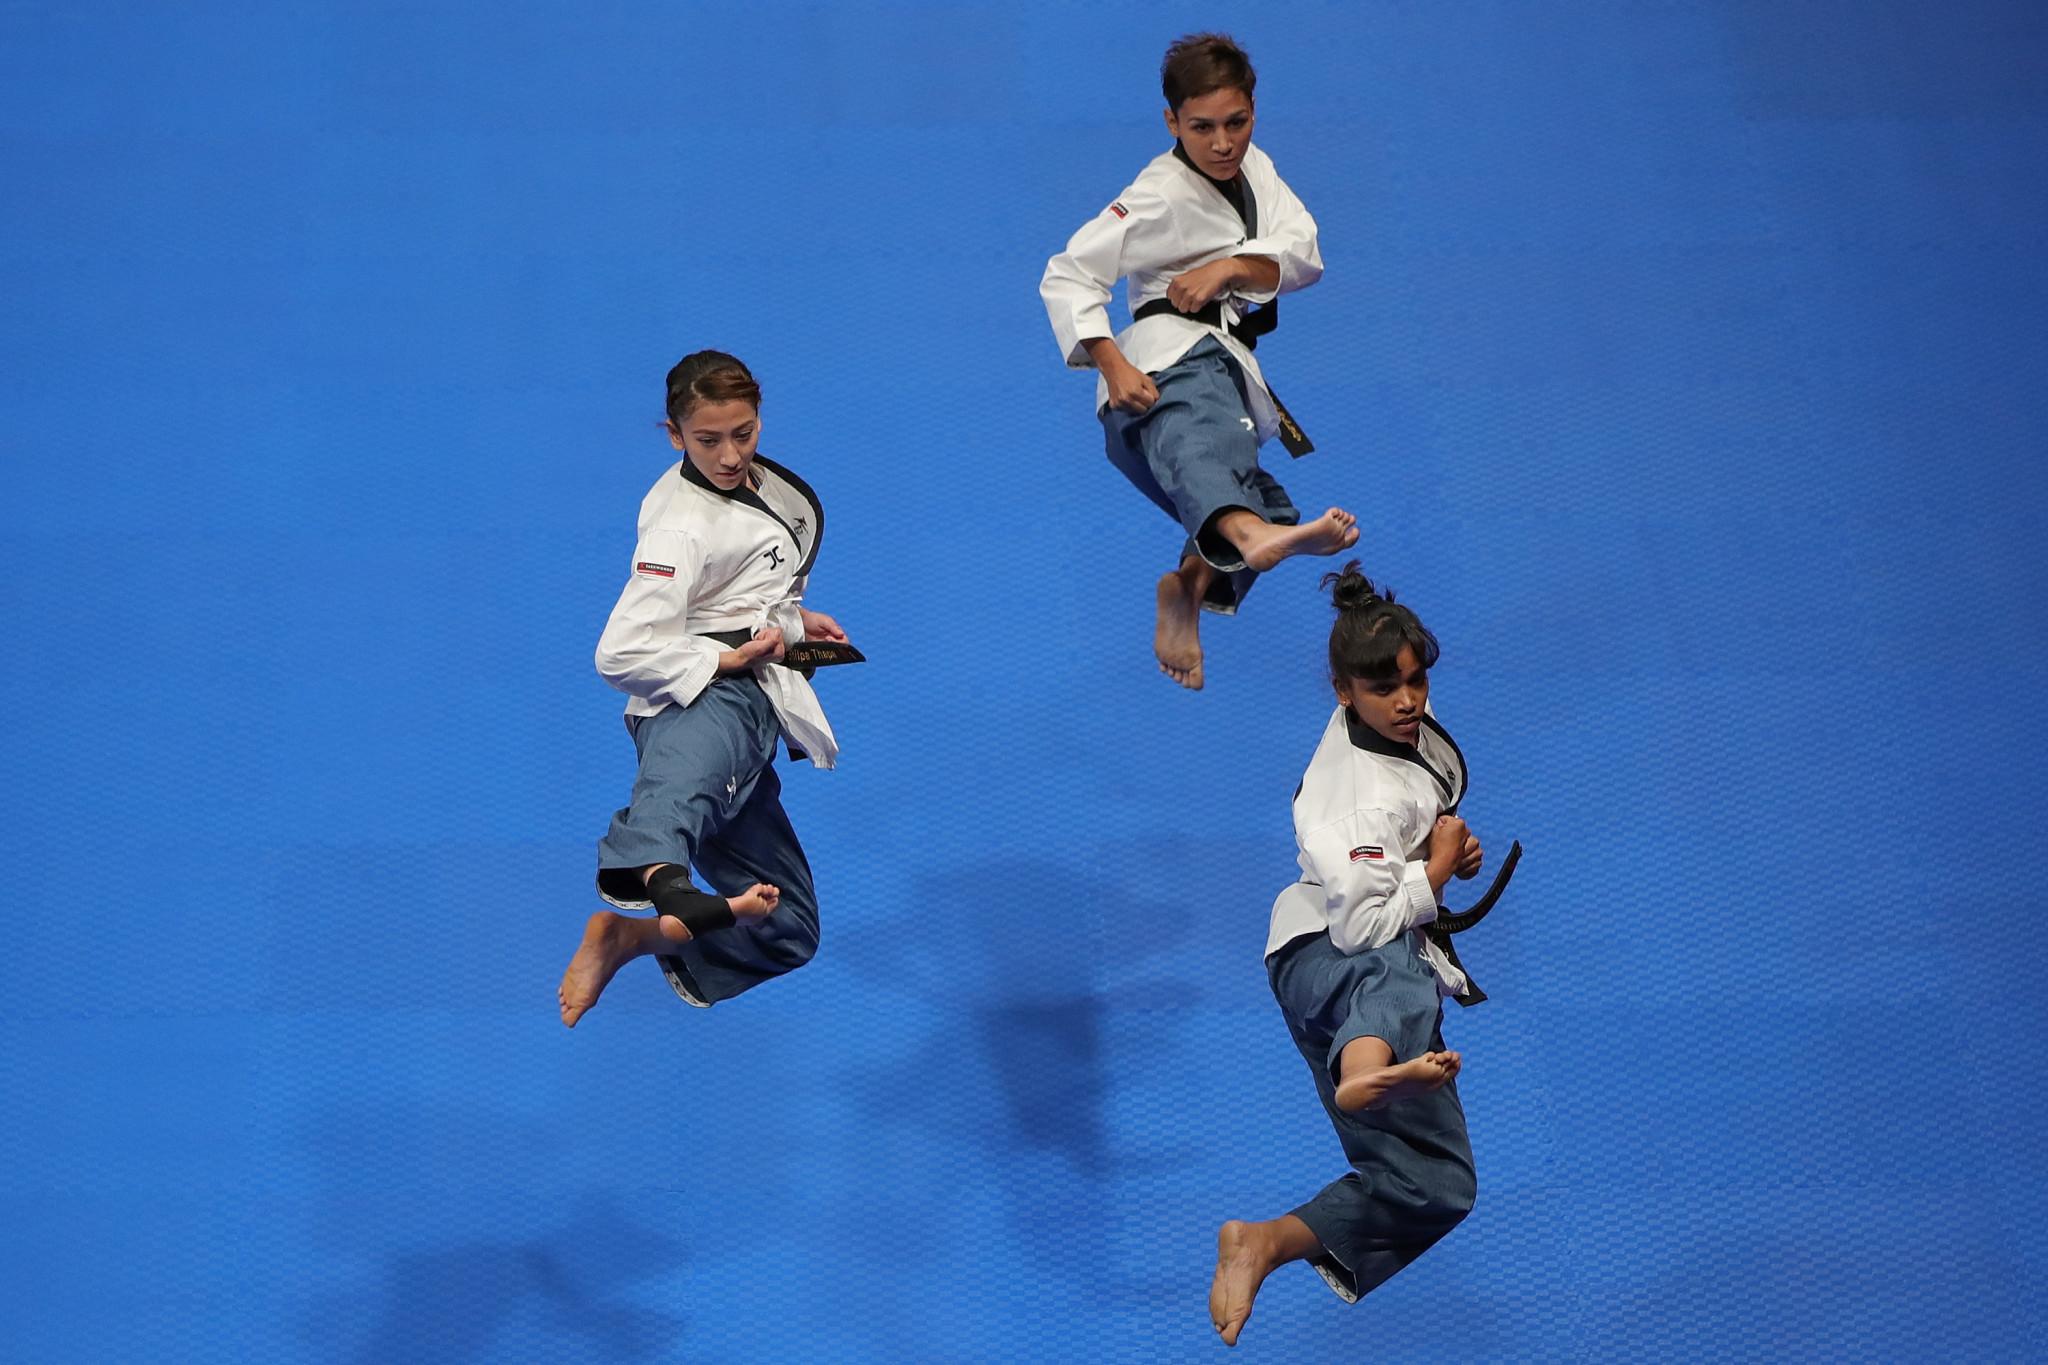 Twenty countries represented at World Taekwondo Europe's poomsae workshop